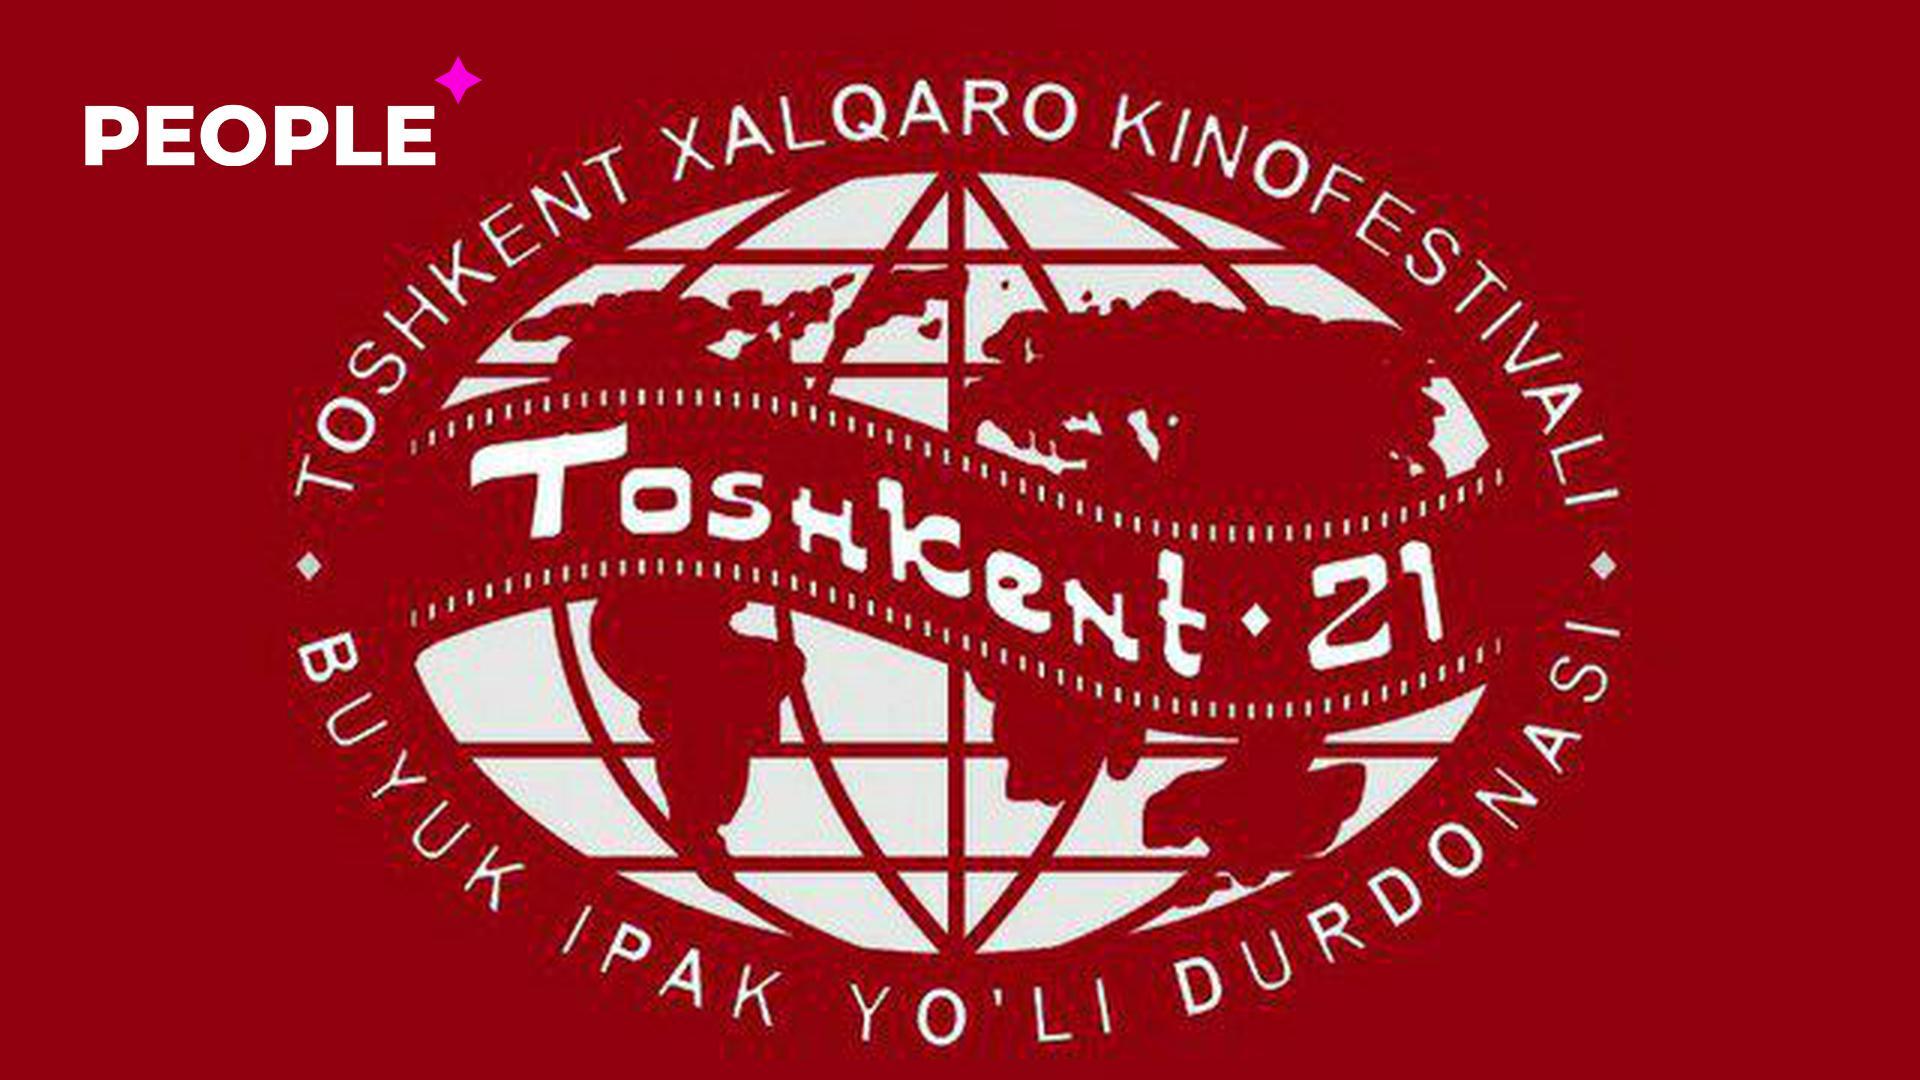 Дни турецкого кино пройдут в рамках международного кинофестиваля в Ташкенте